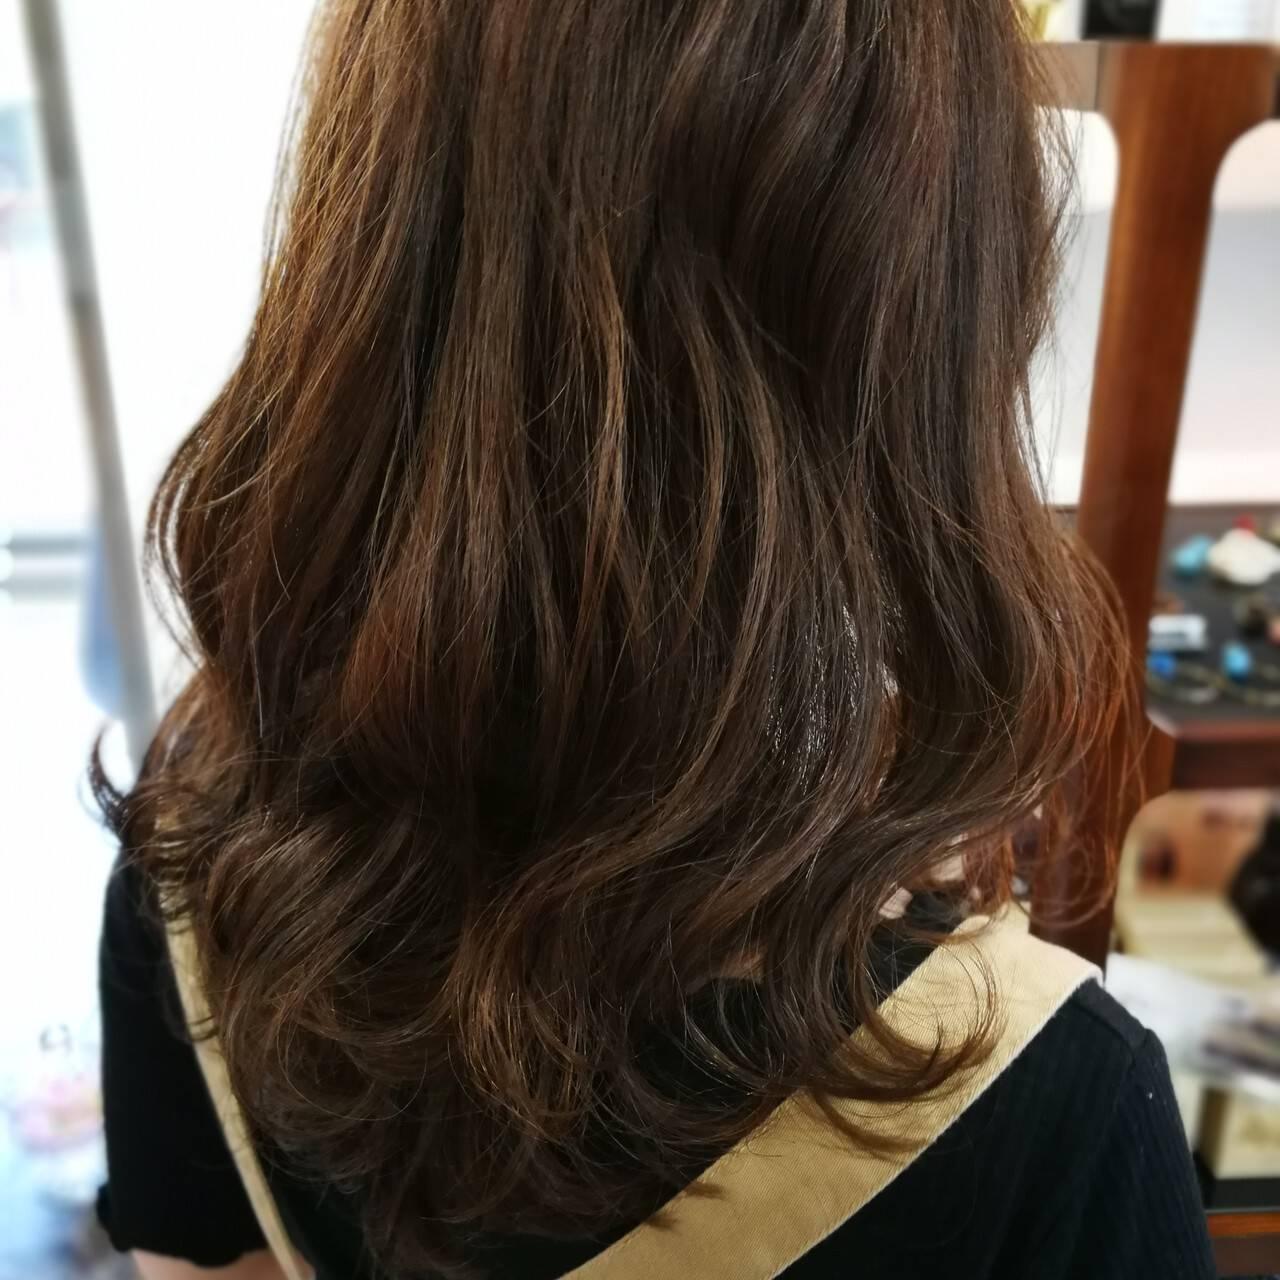 デート ミディアム ナチュラル スモーキーカラーヘアスタイルや髪型の写真・画像